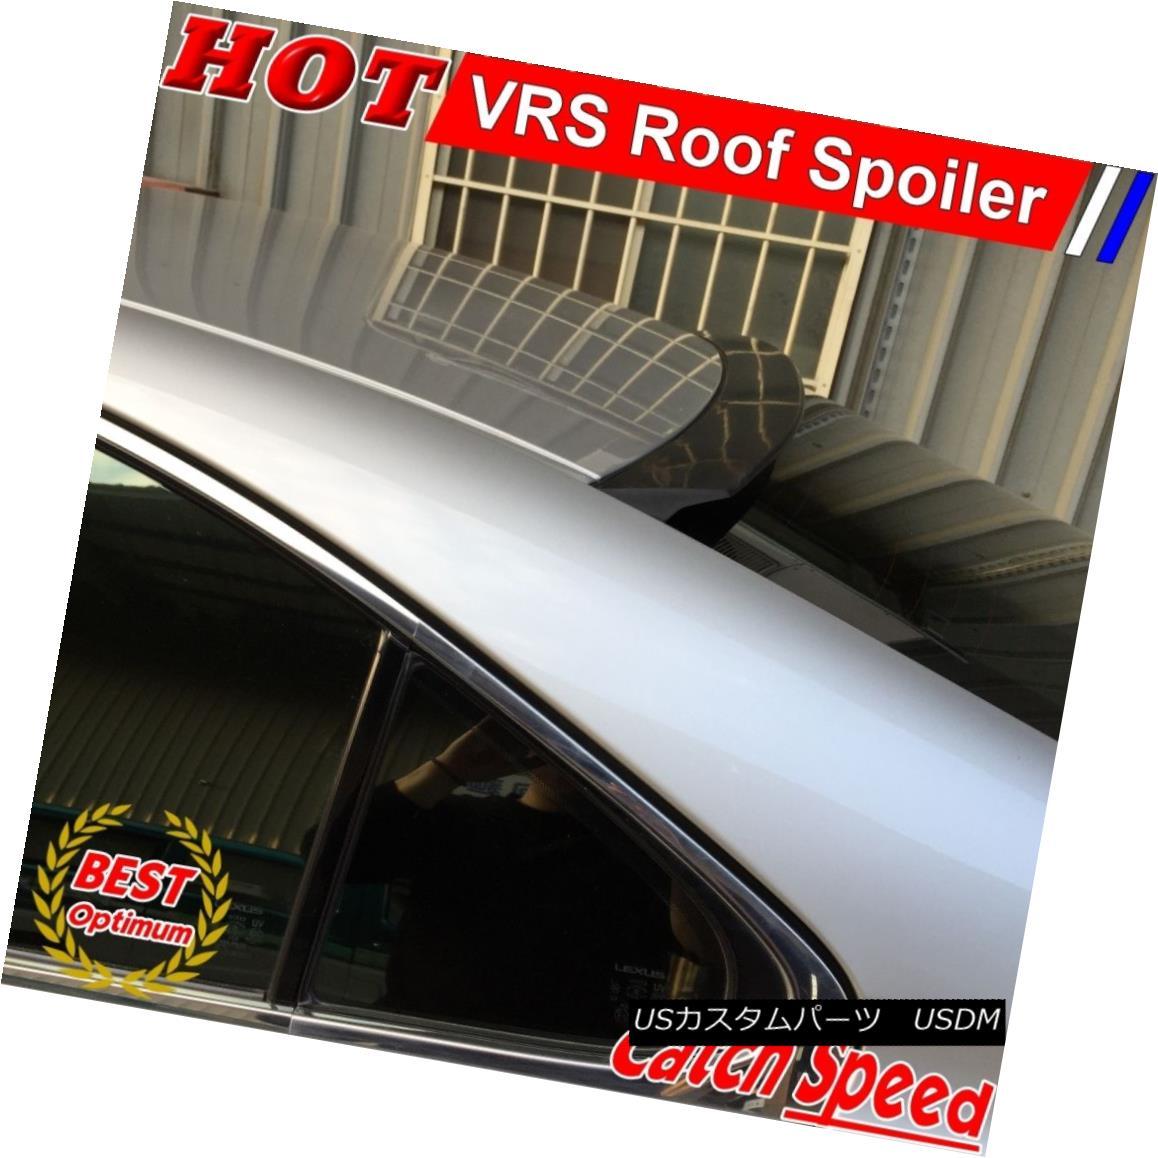 エアロパーツ Flat Black VRS Rear Roof Spoiler Wing For Ford Mustang GT-500 5th 2005-2014 Ford Mustang GT-500用フラットブラックVRSリアルーフスポイラーウィング2005年5月20日